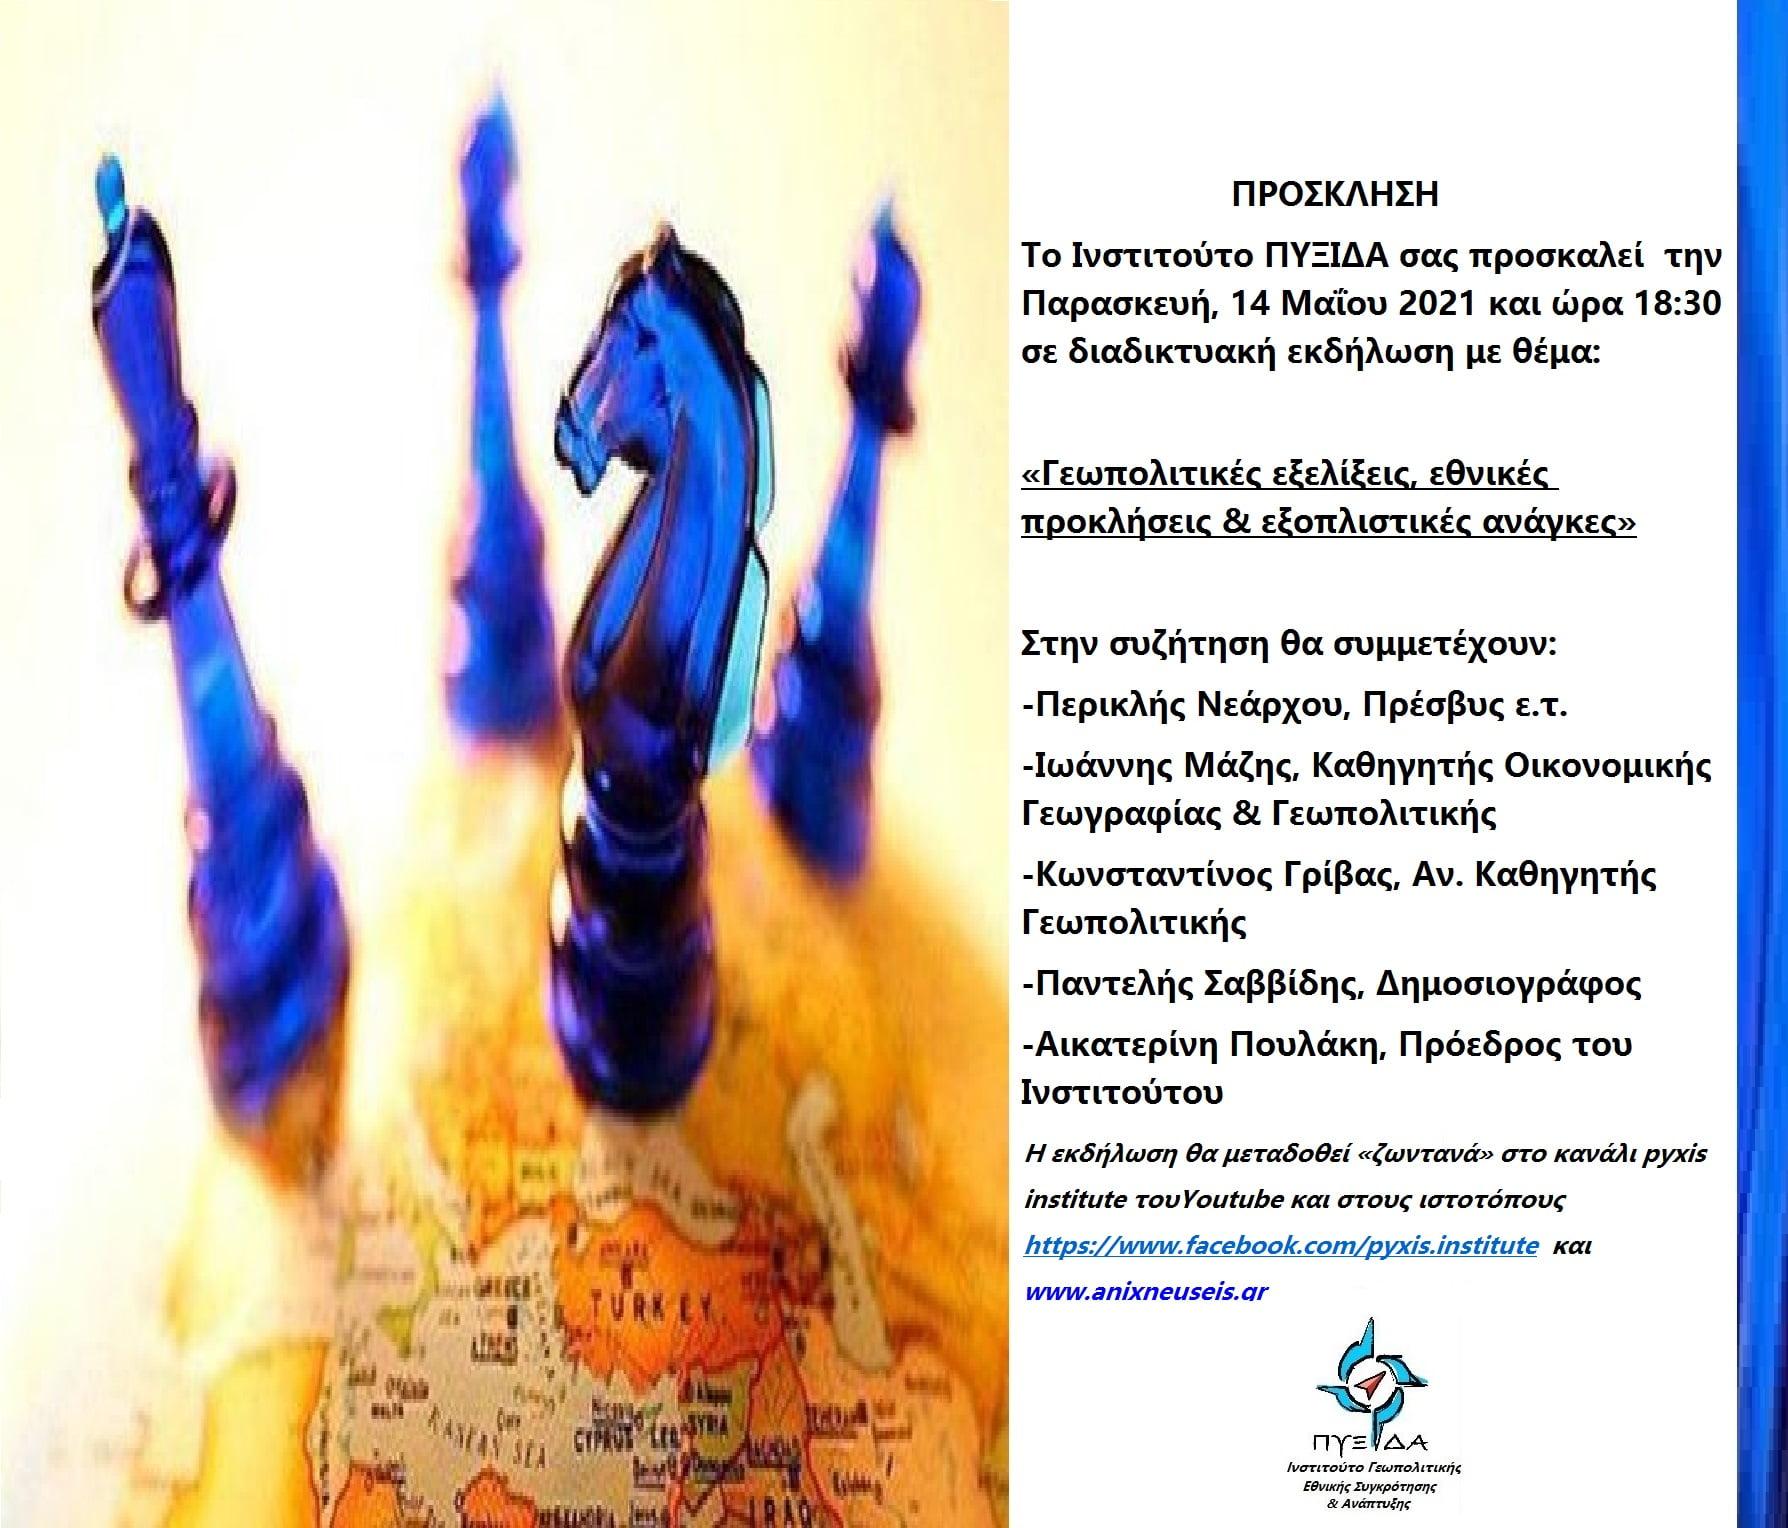 Πυξίδα: «Γεωπολιτικές εξελίξεις, εθνικές προκλήσεις & εξοπλιστικές ανάγκες»